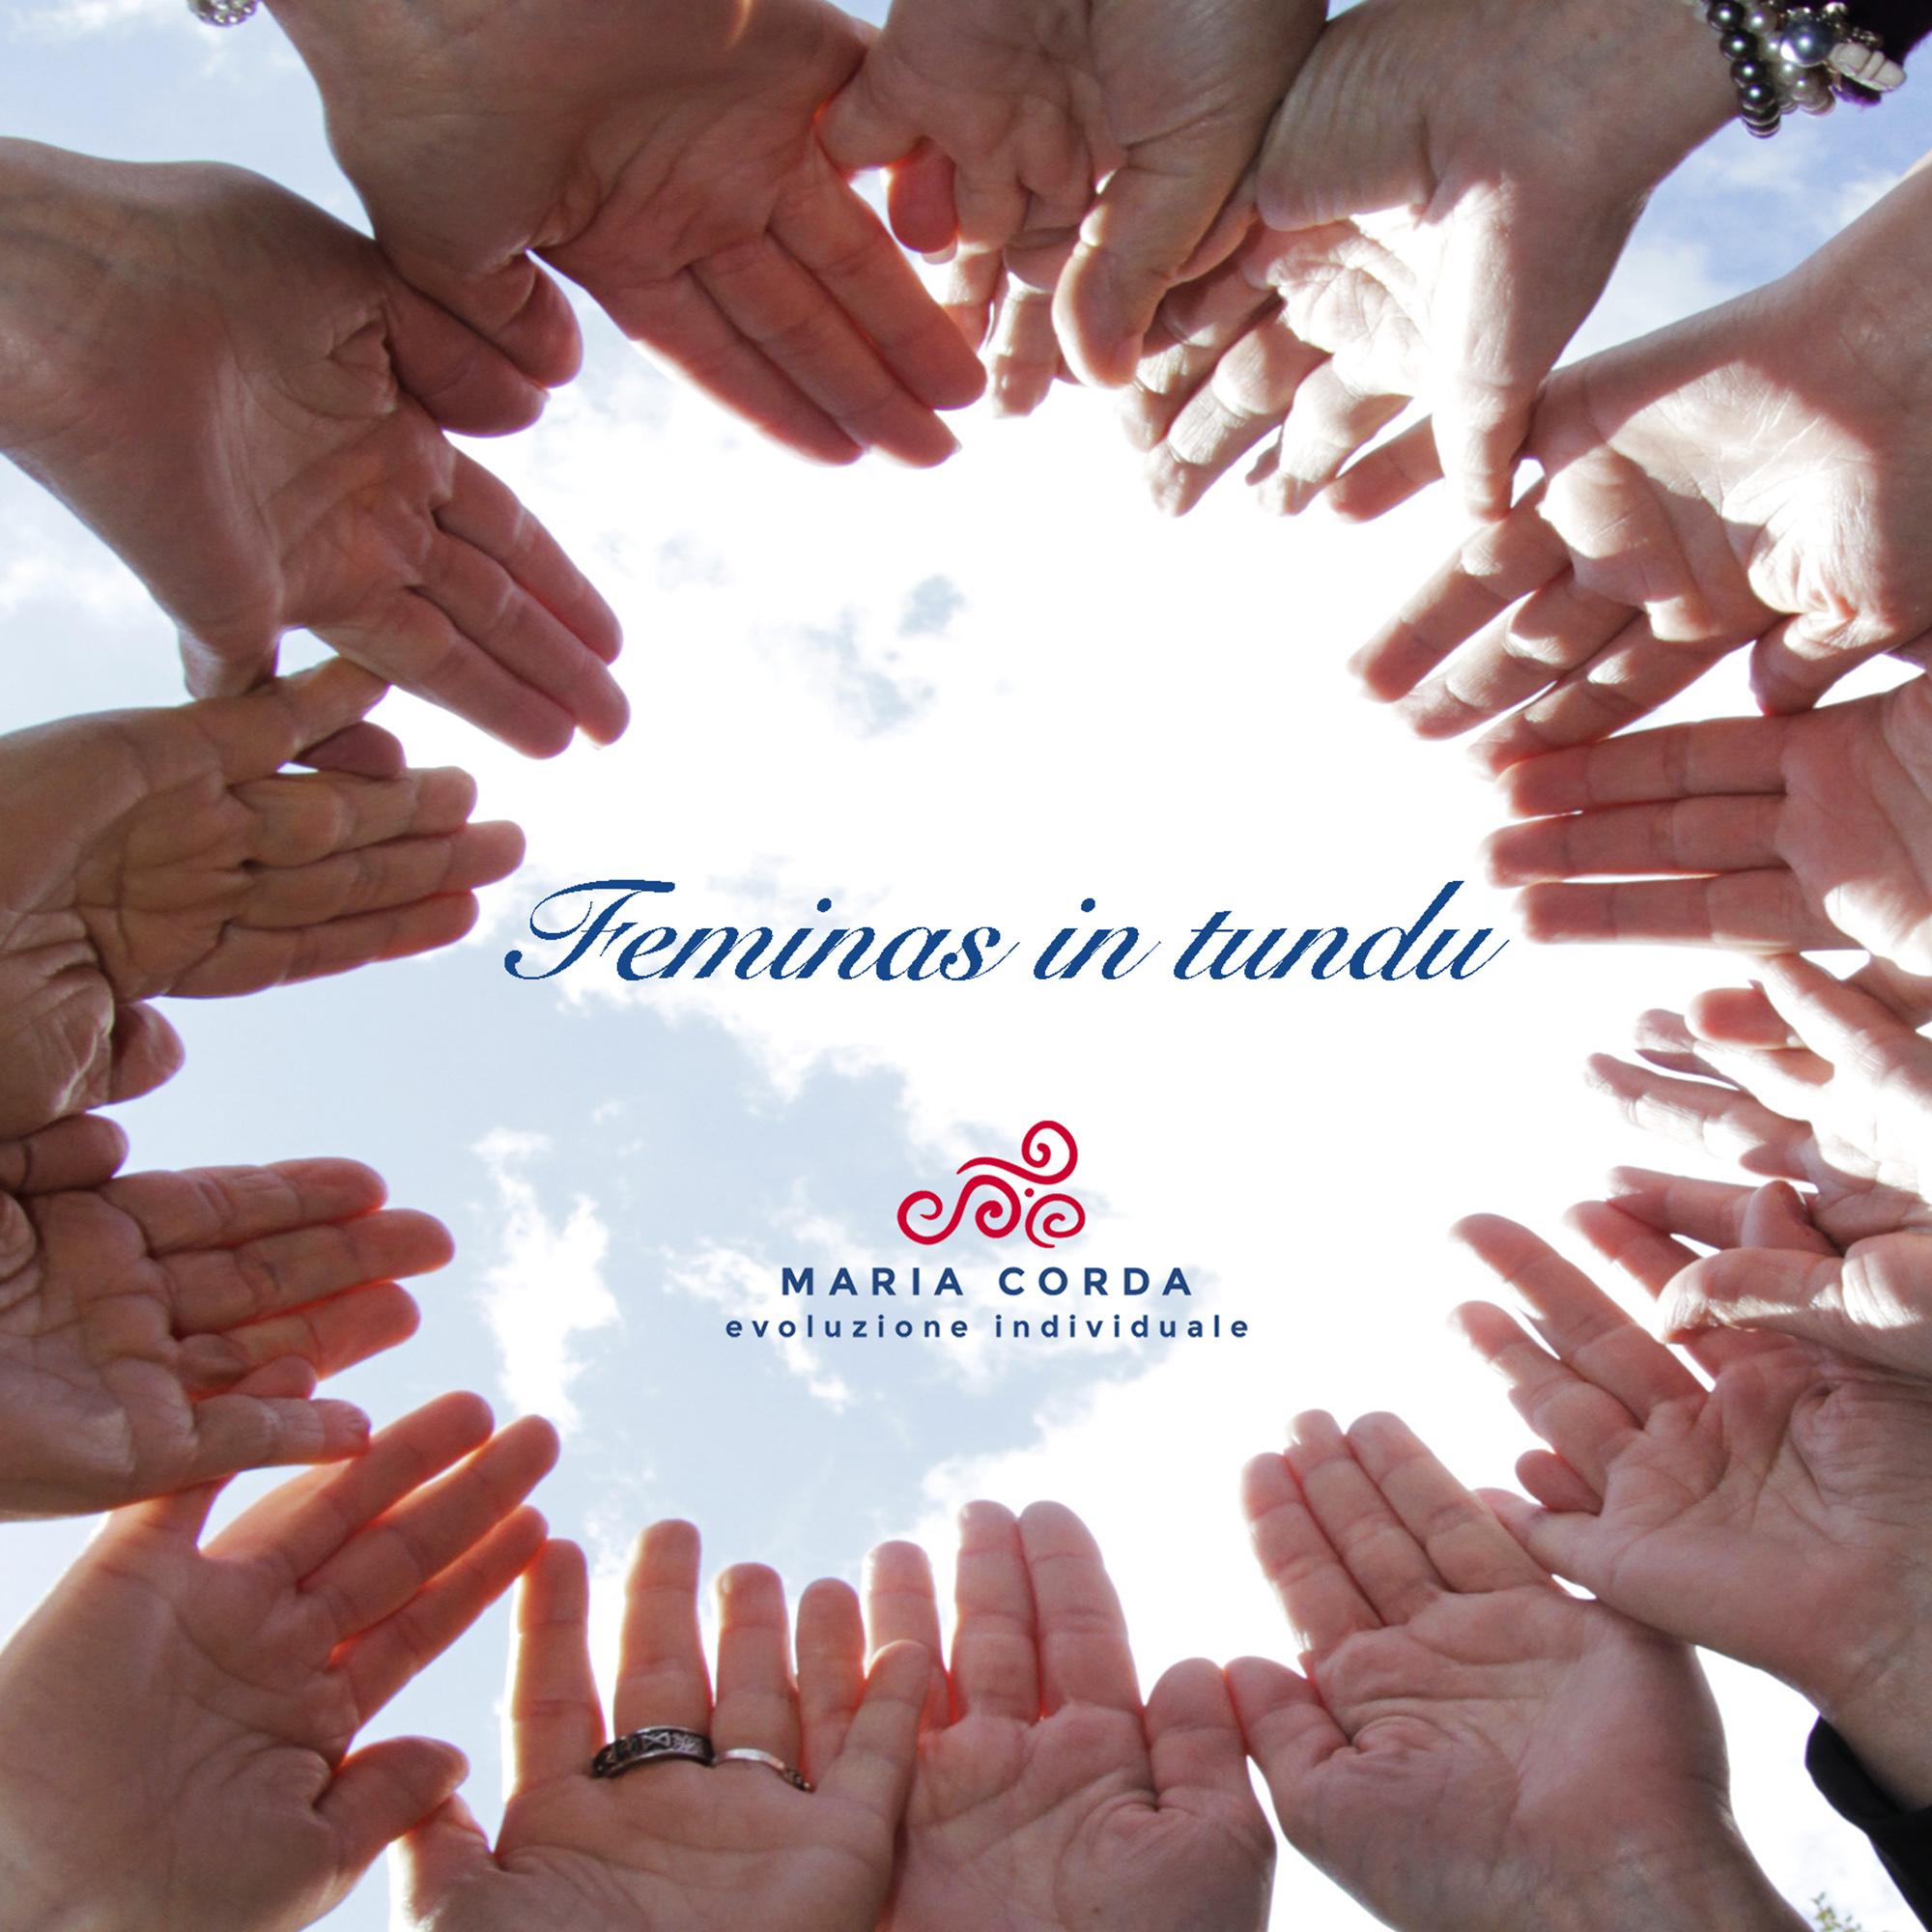 mani aperte verso il cielo per il percorso feminas in tundu